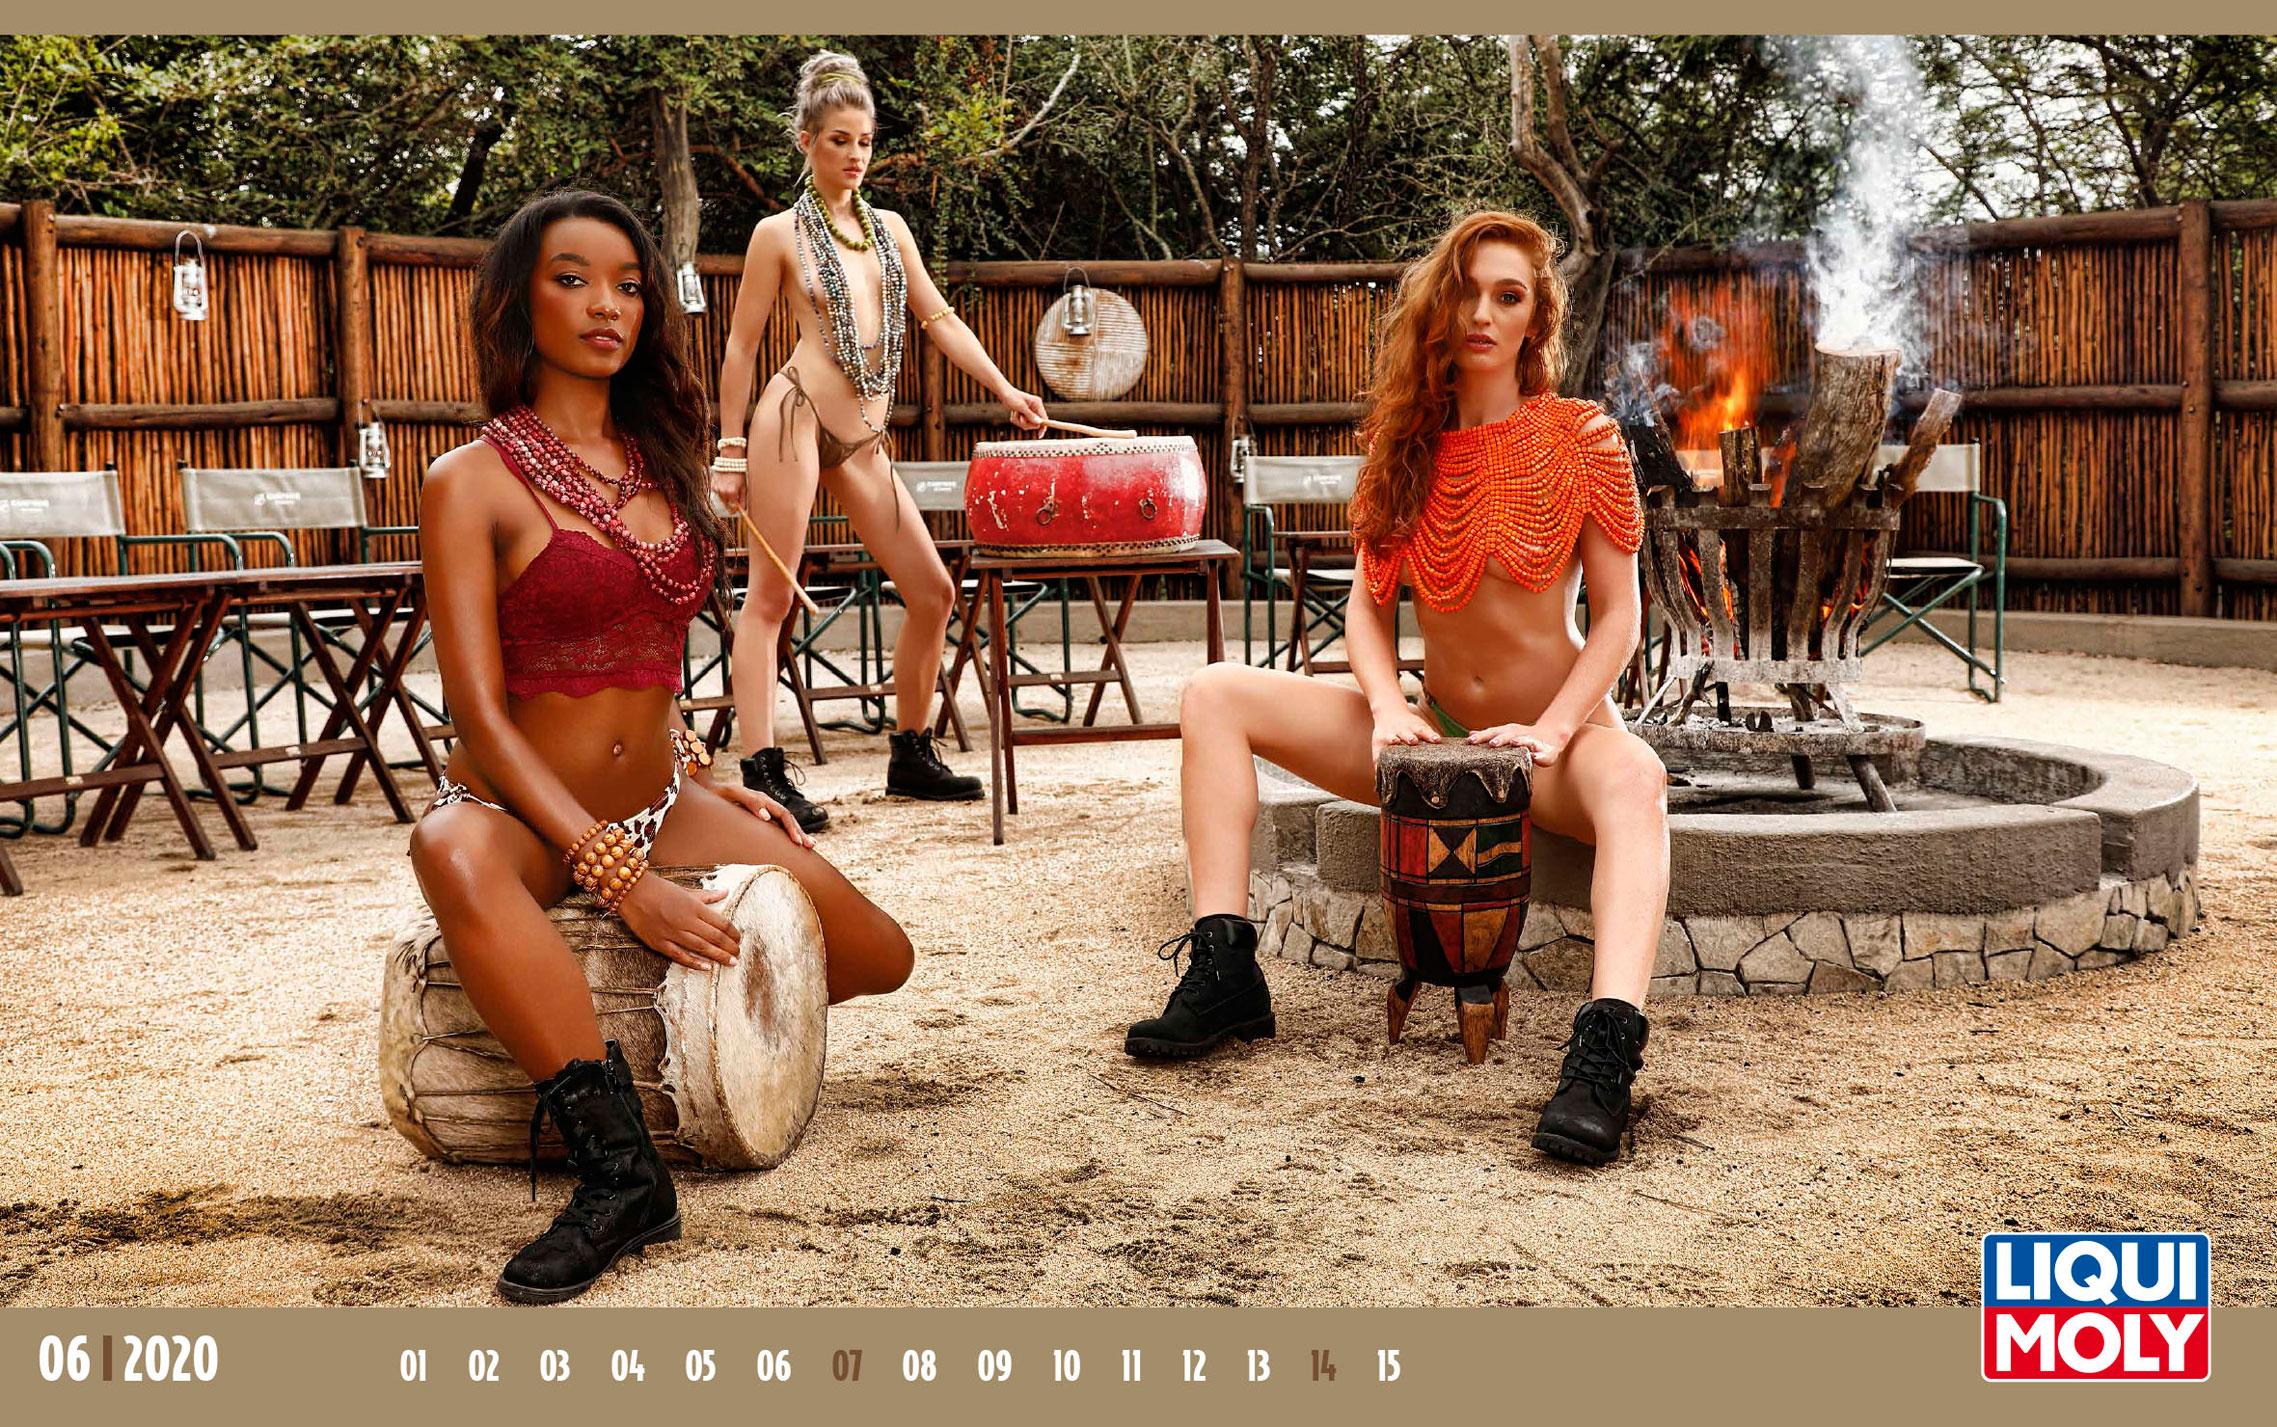 Календарь с девушками автоконцерна Liqui Moly, 2020 год / июнь-1